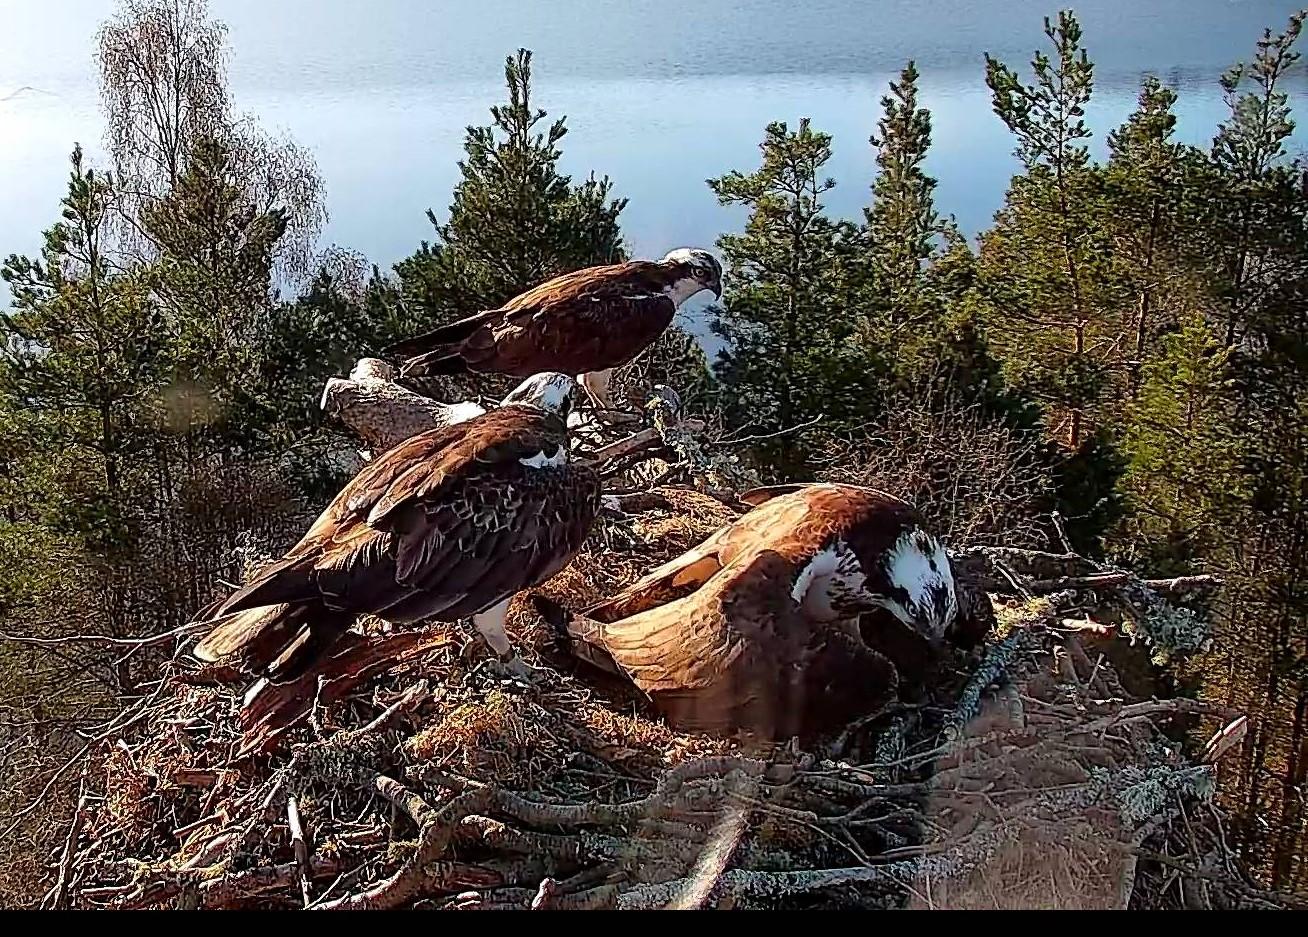 Intruding ospreys